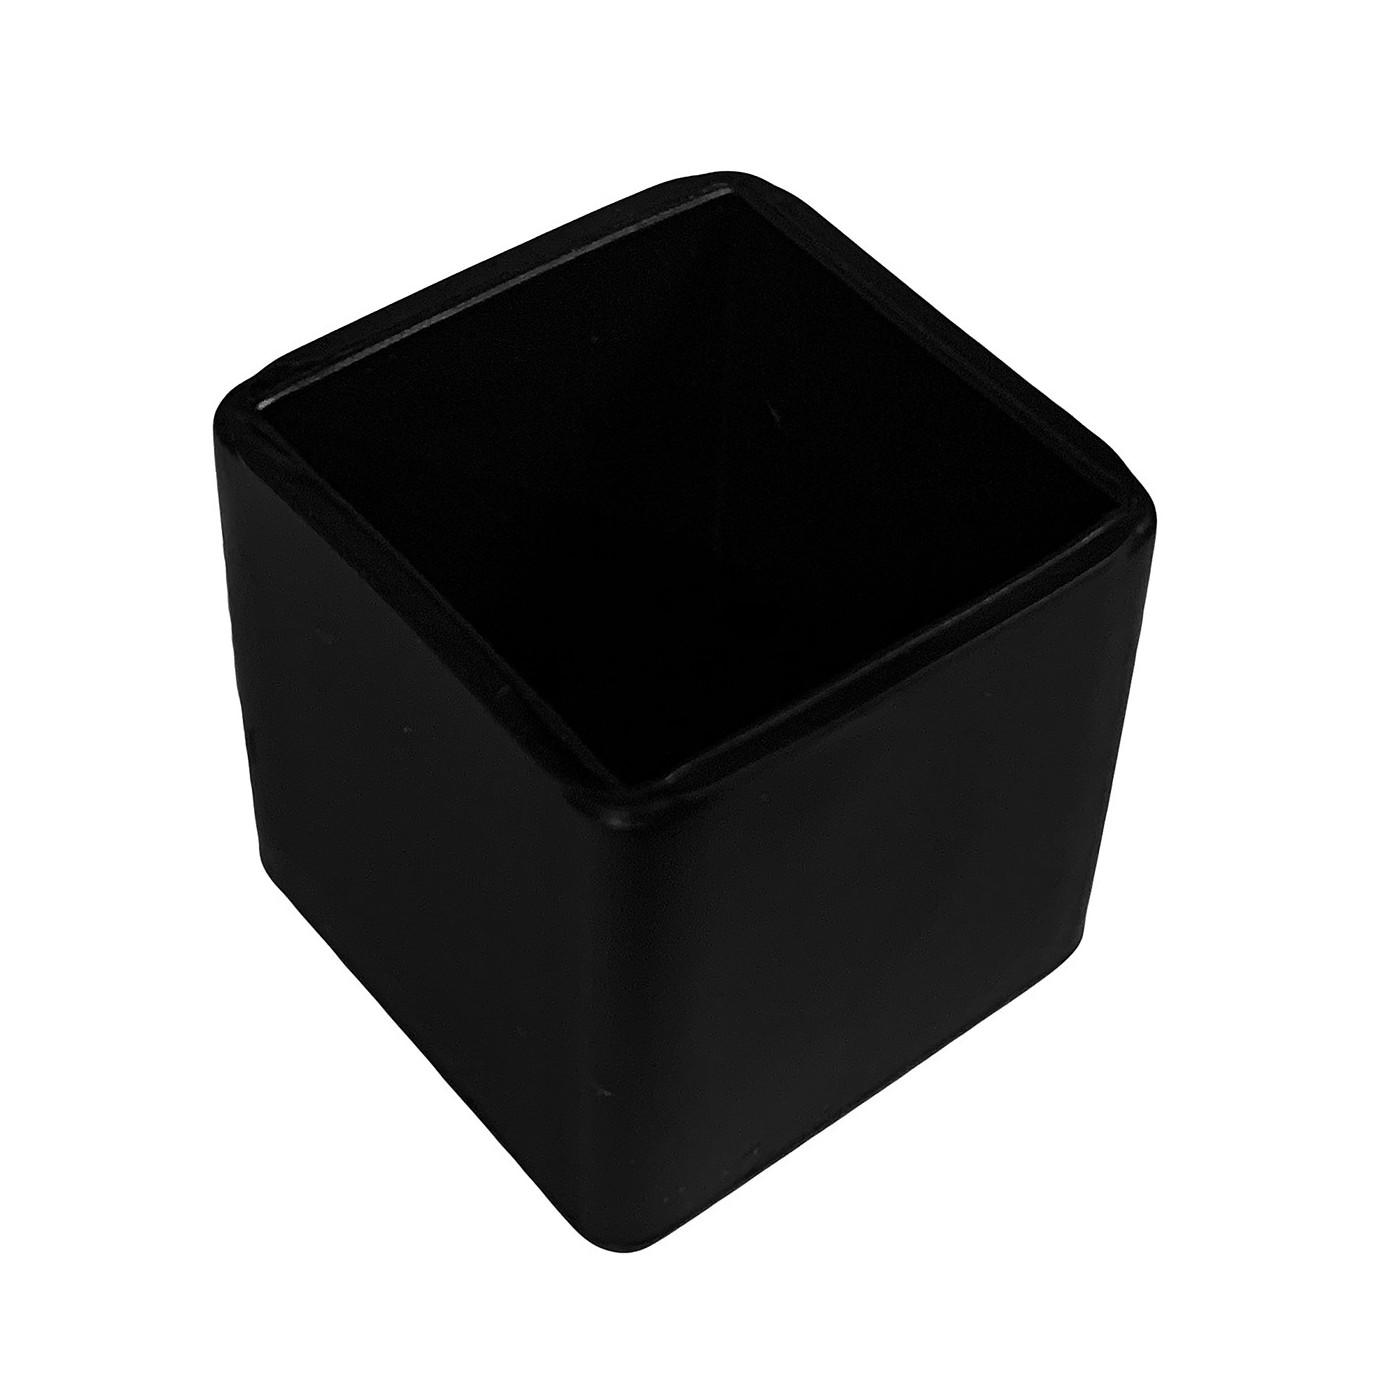 Zestaw 32 silikonowych nakładek na nogi krzesła (zewnętrzne, kwadratowe, 30 mm, czarne) [O-SQ-30-B]  - 1